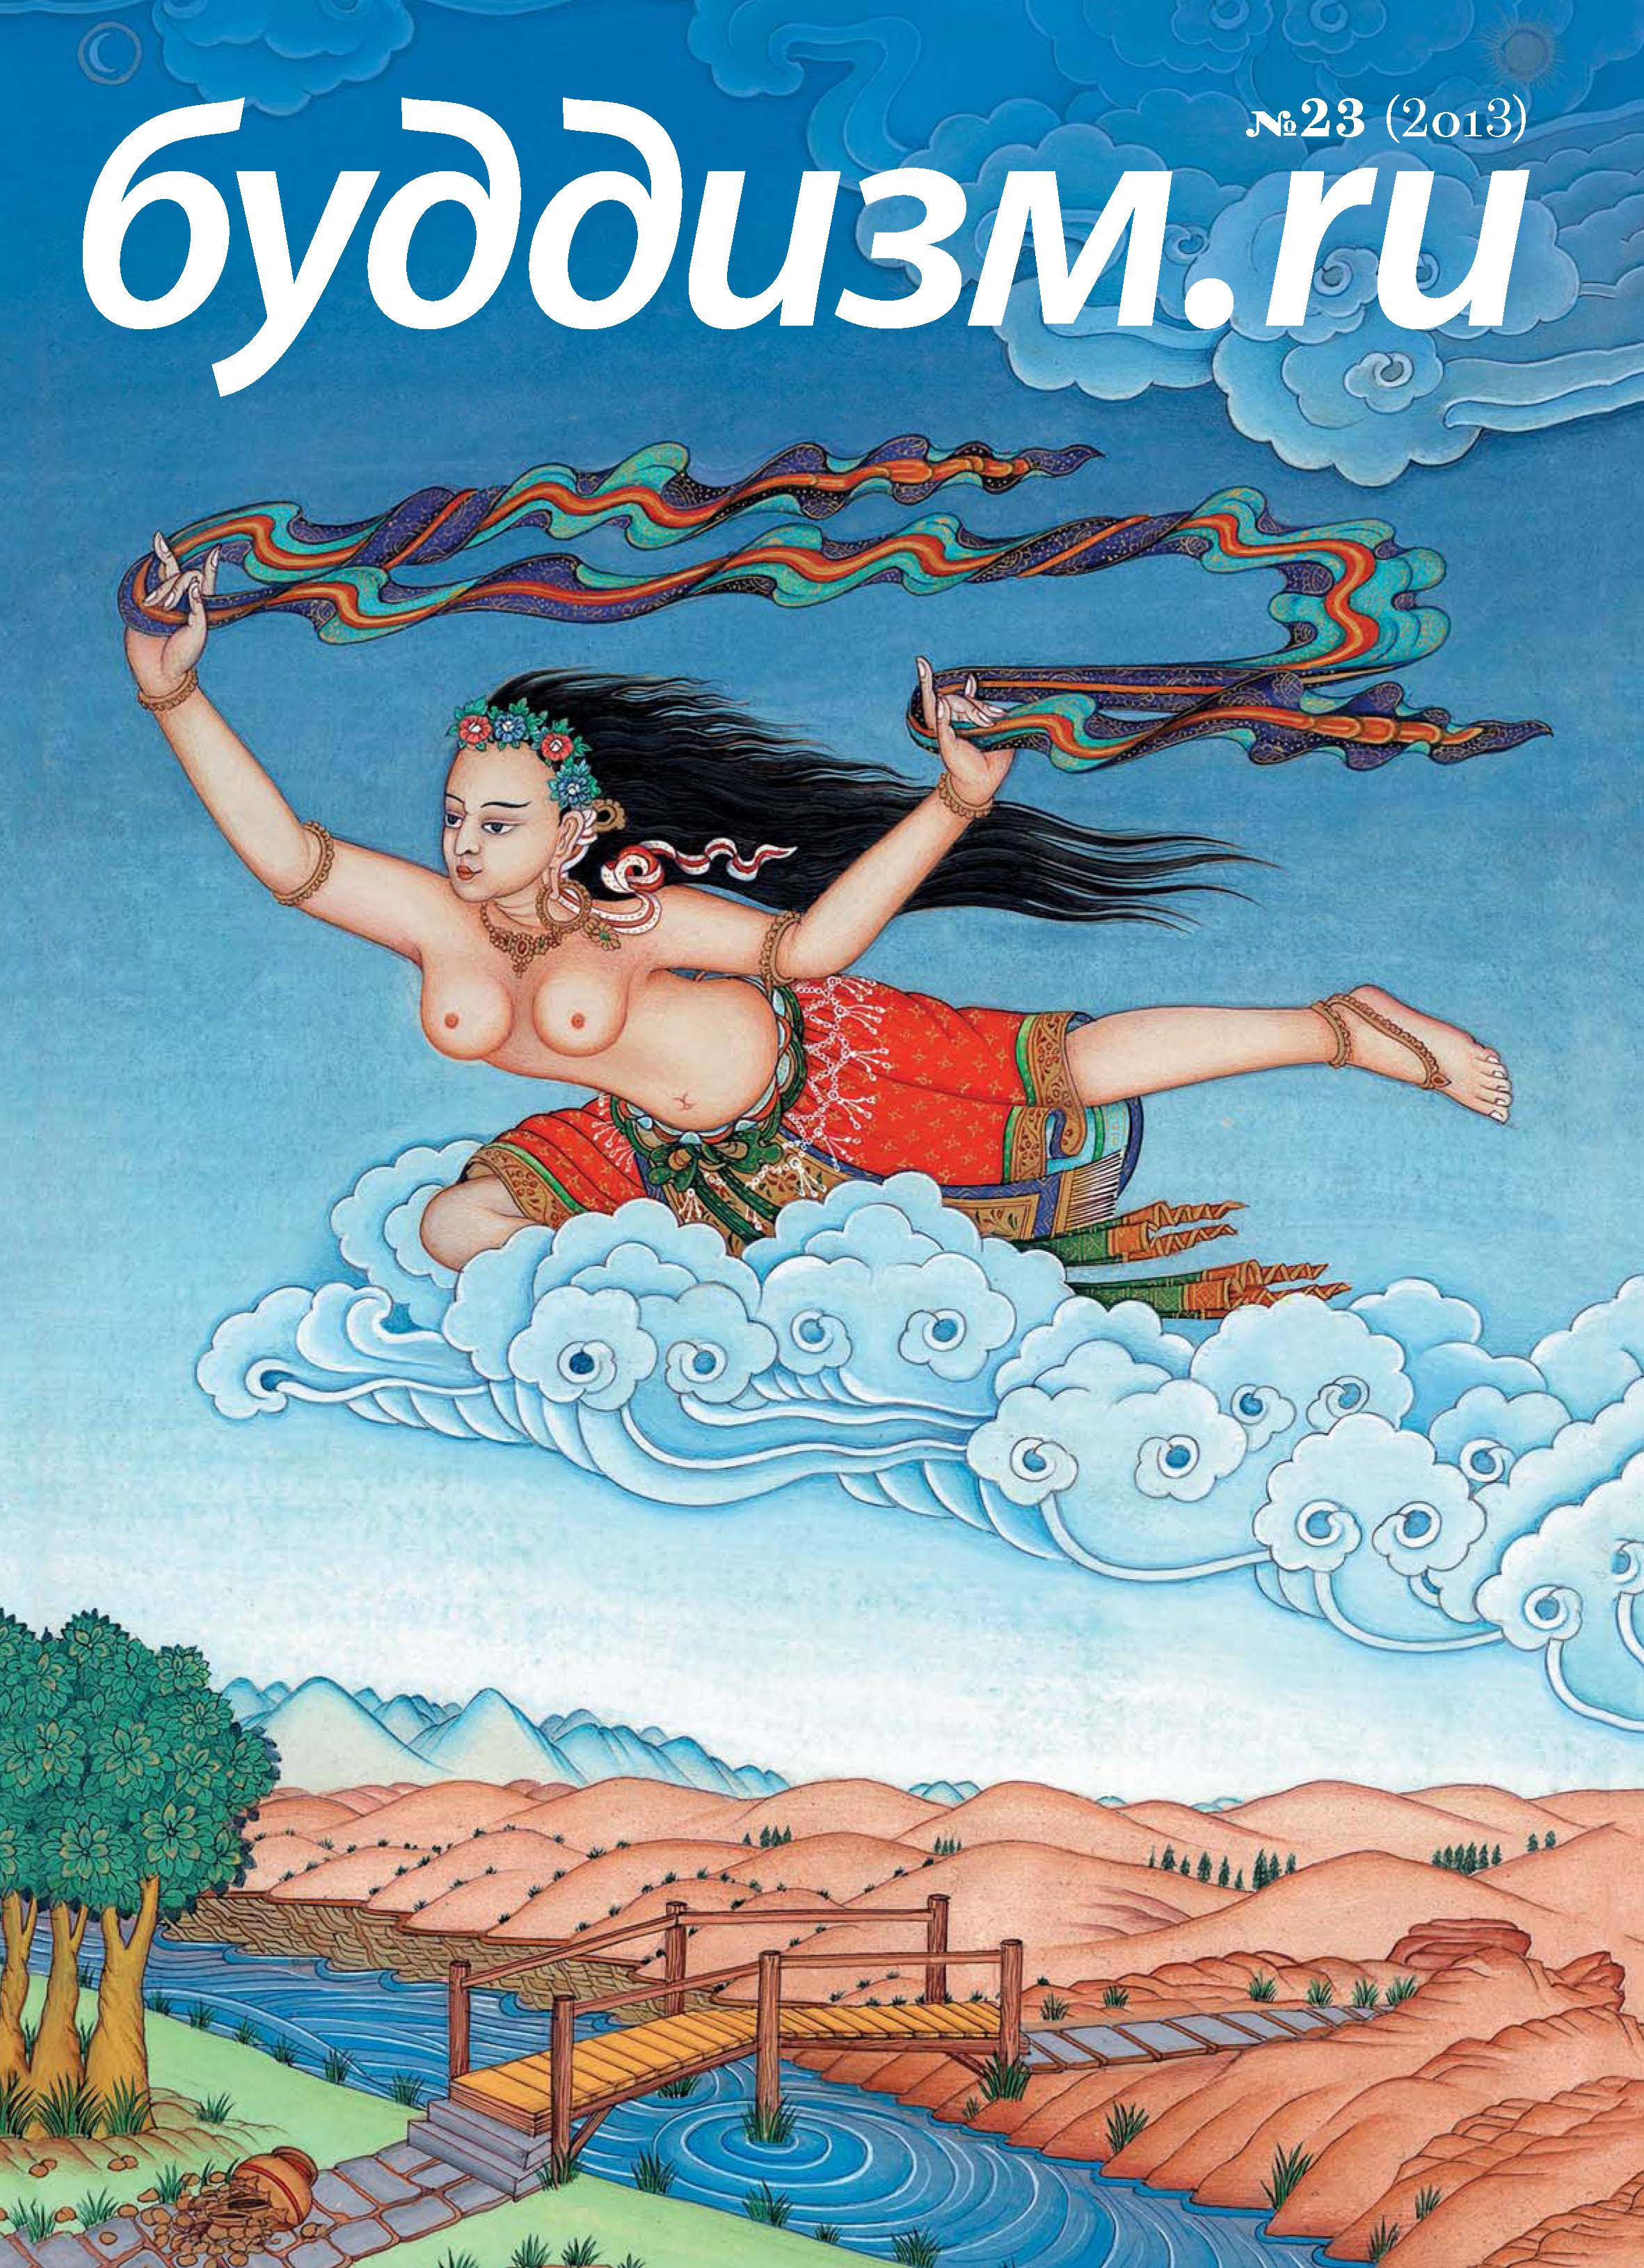 Отсутствует Буддизм.ru №23 (2013) марпа и история карма кагью жизнеописание марпы переводчика в историческом контексте школы кагью